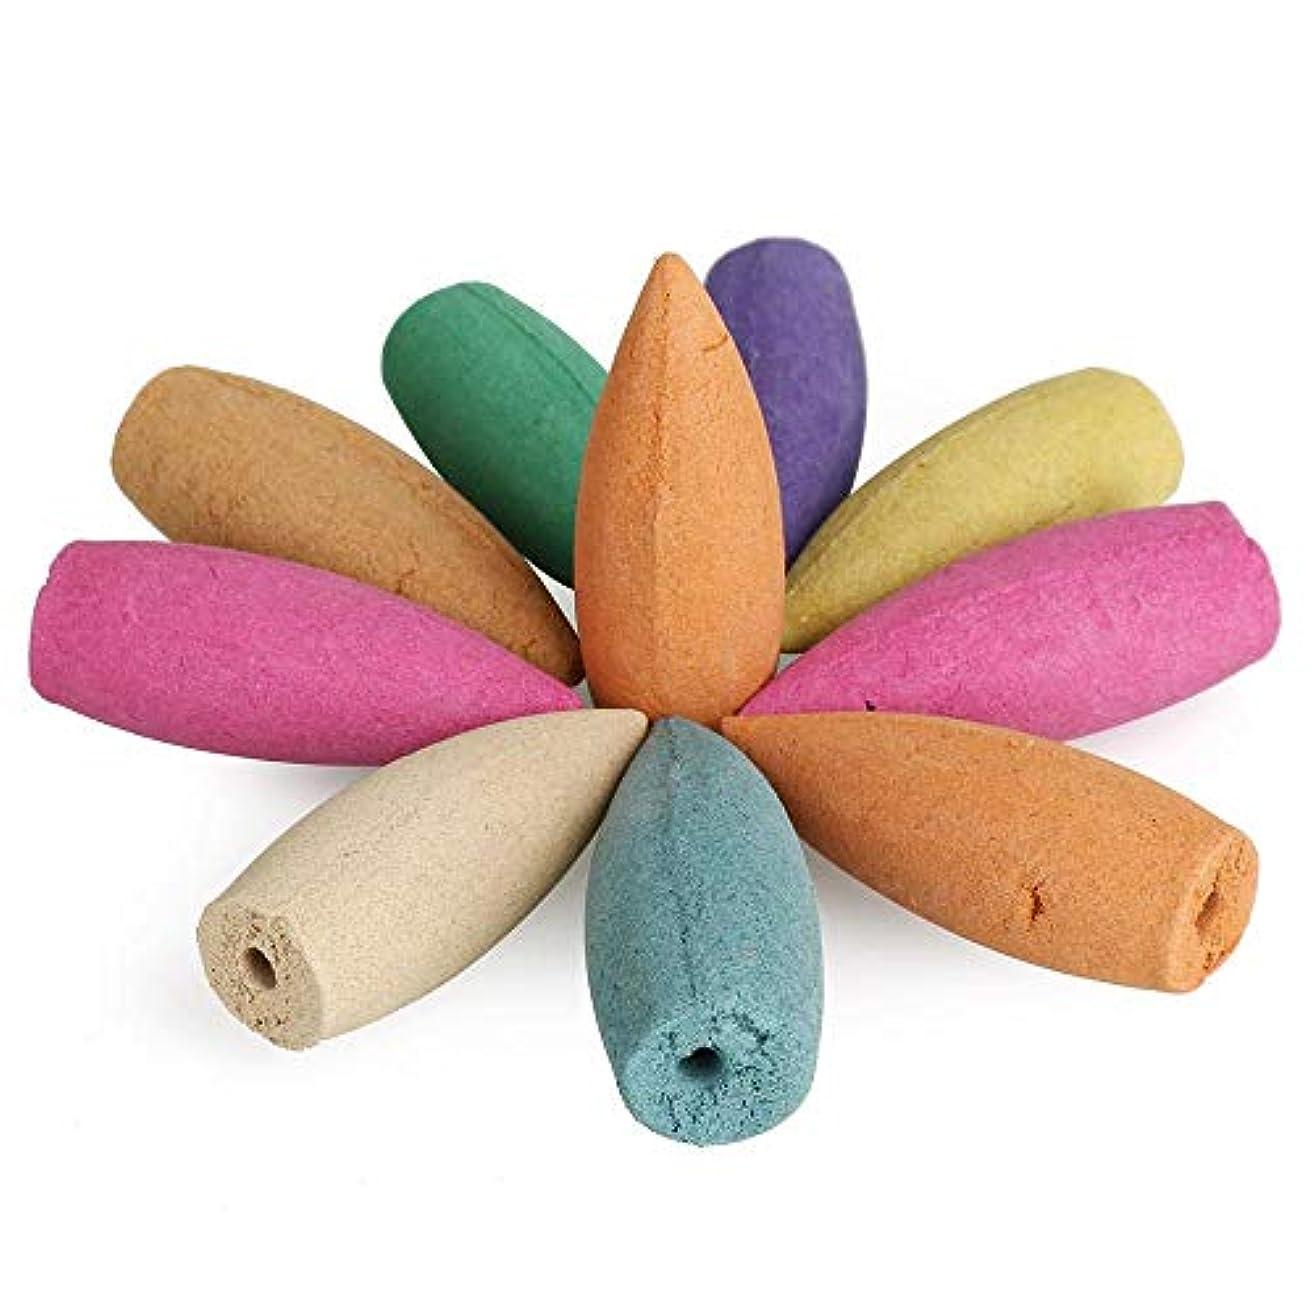 発表尊敬正気AGVTUO 10pcs / bag Reflux Incense Cones香り付き香コーンサンダルウッド香の滝